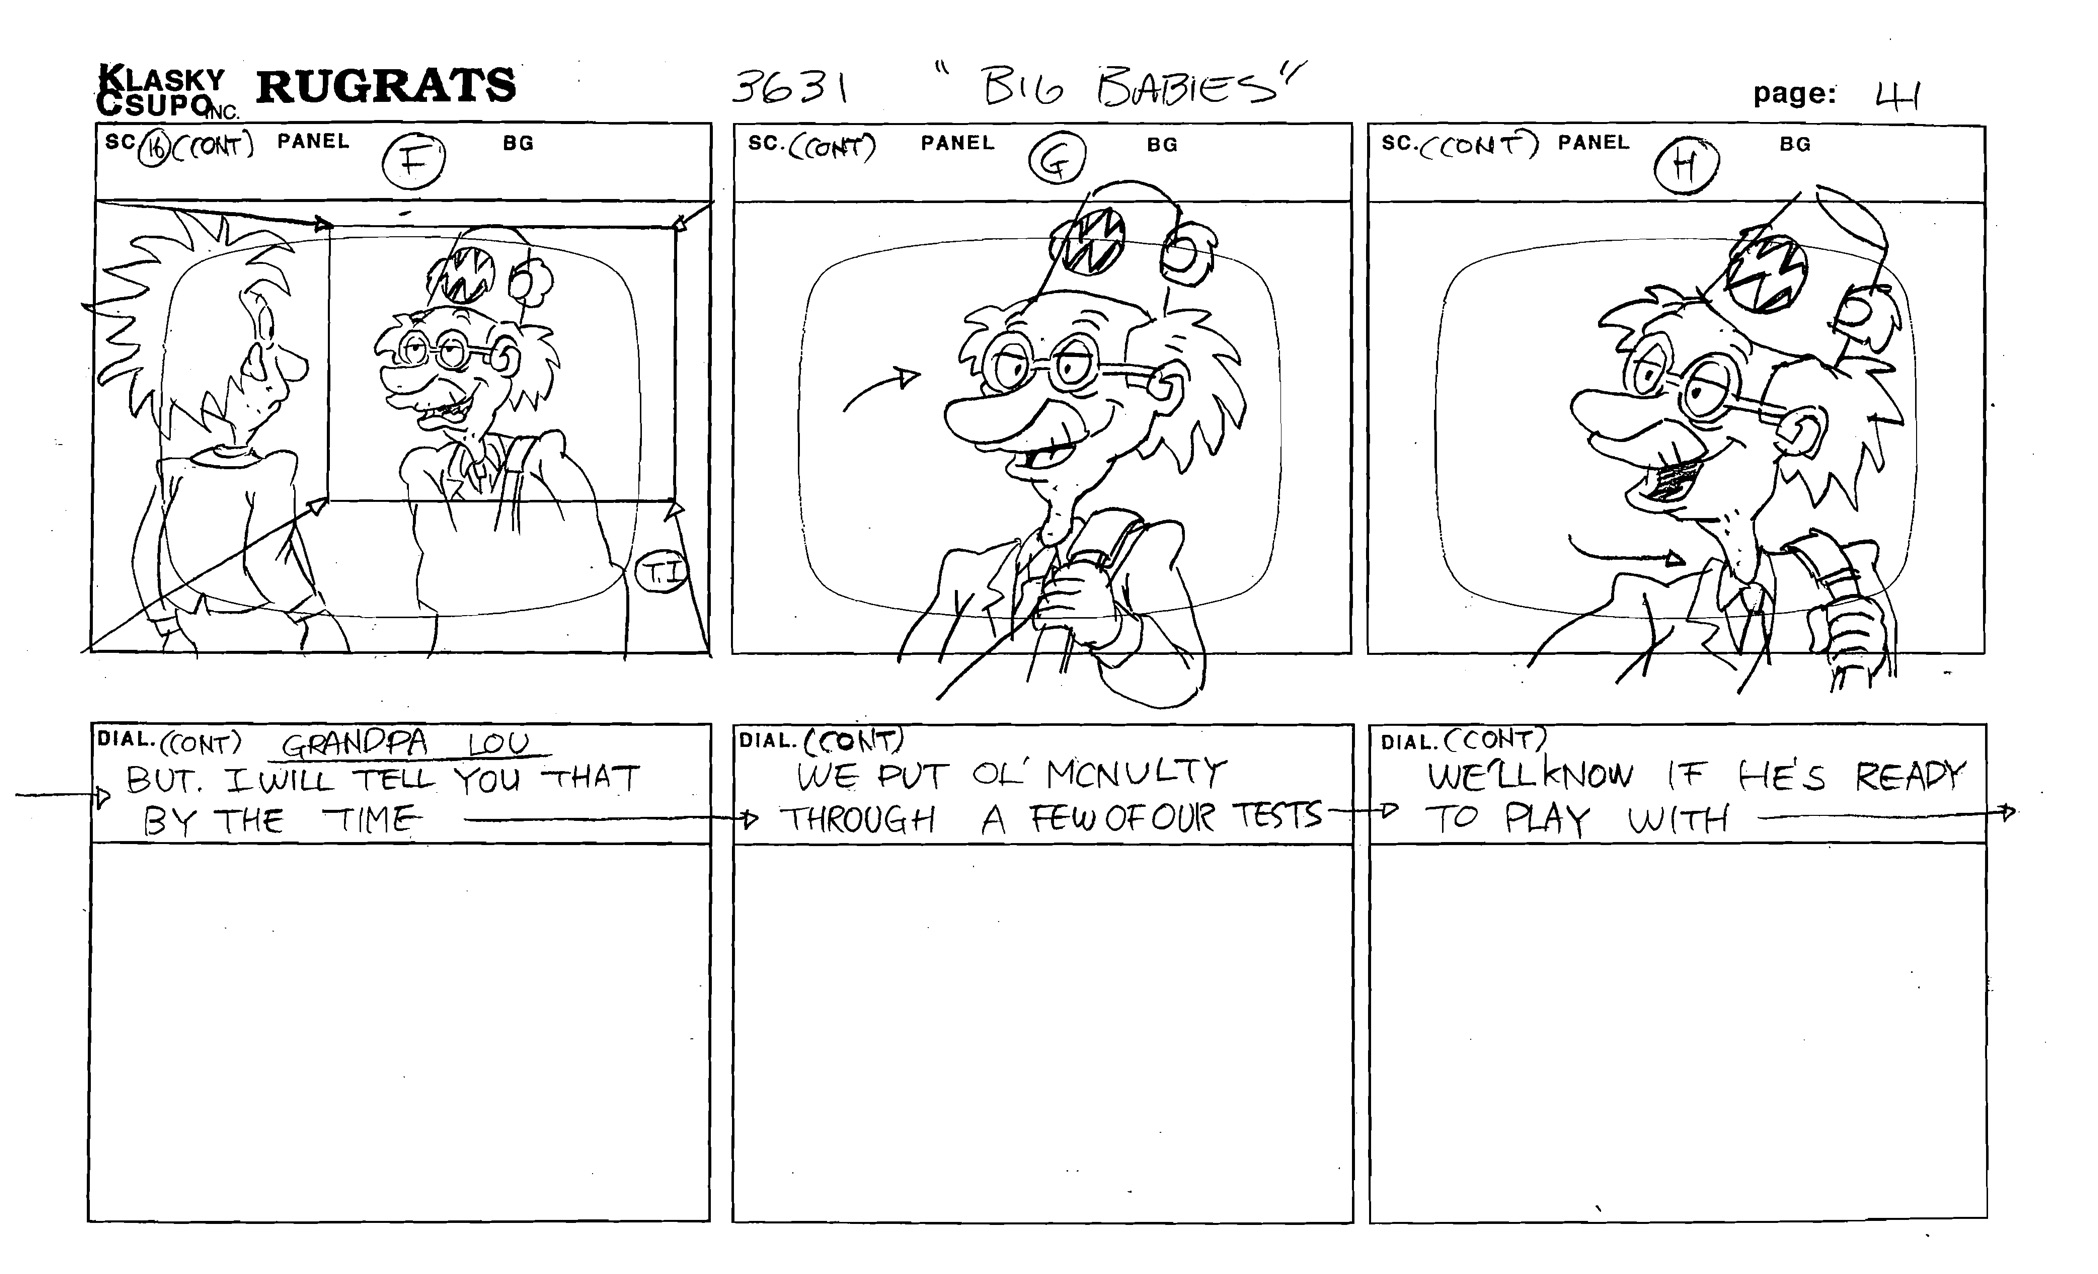 Rugrats6